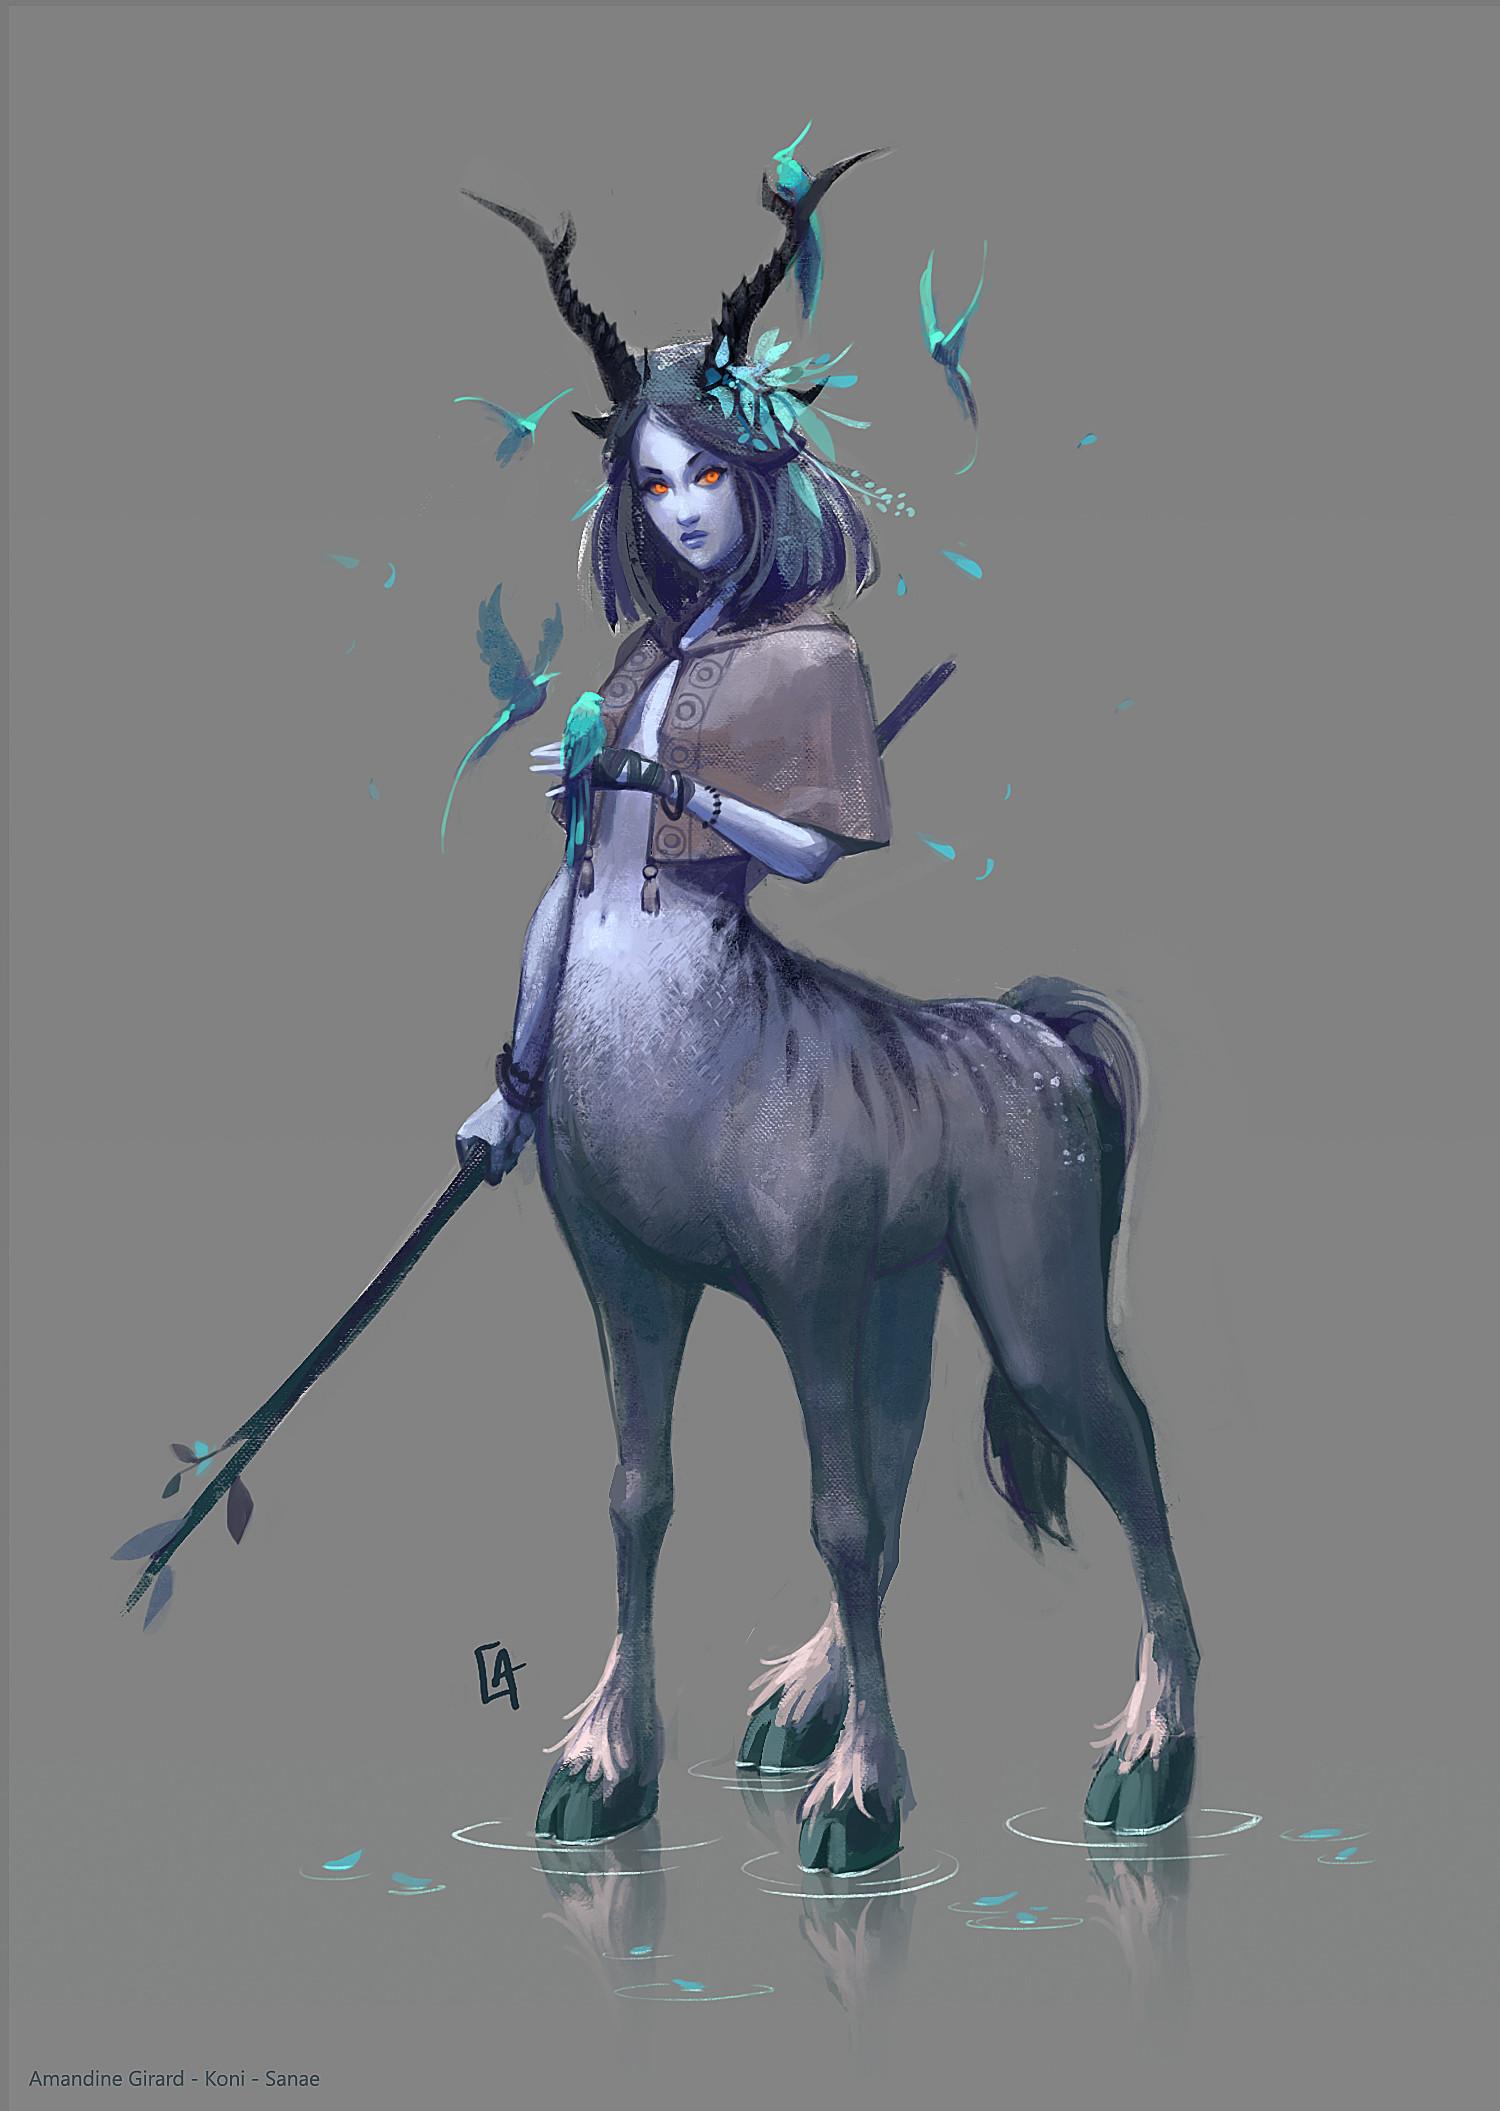 Amandine girard koni amandine girard koni cdchallenge sanae